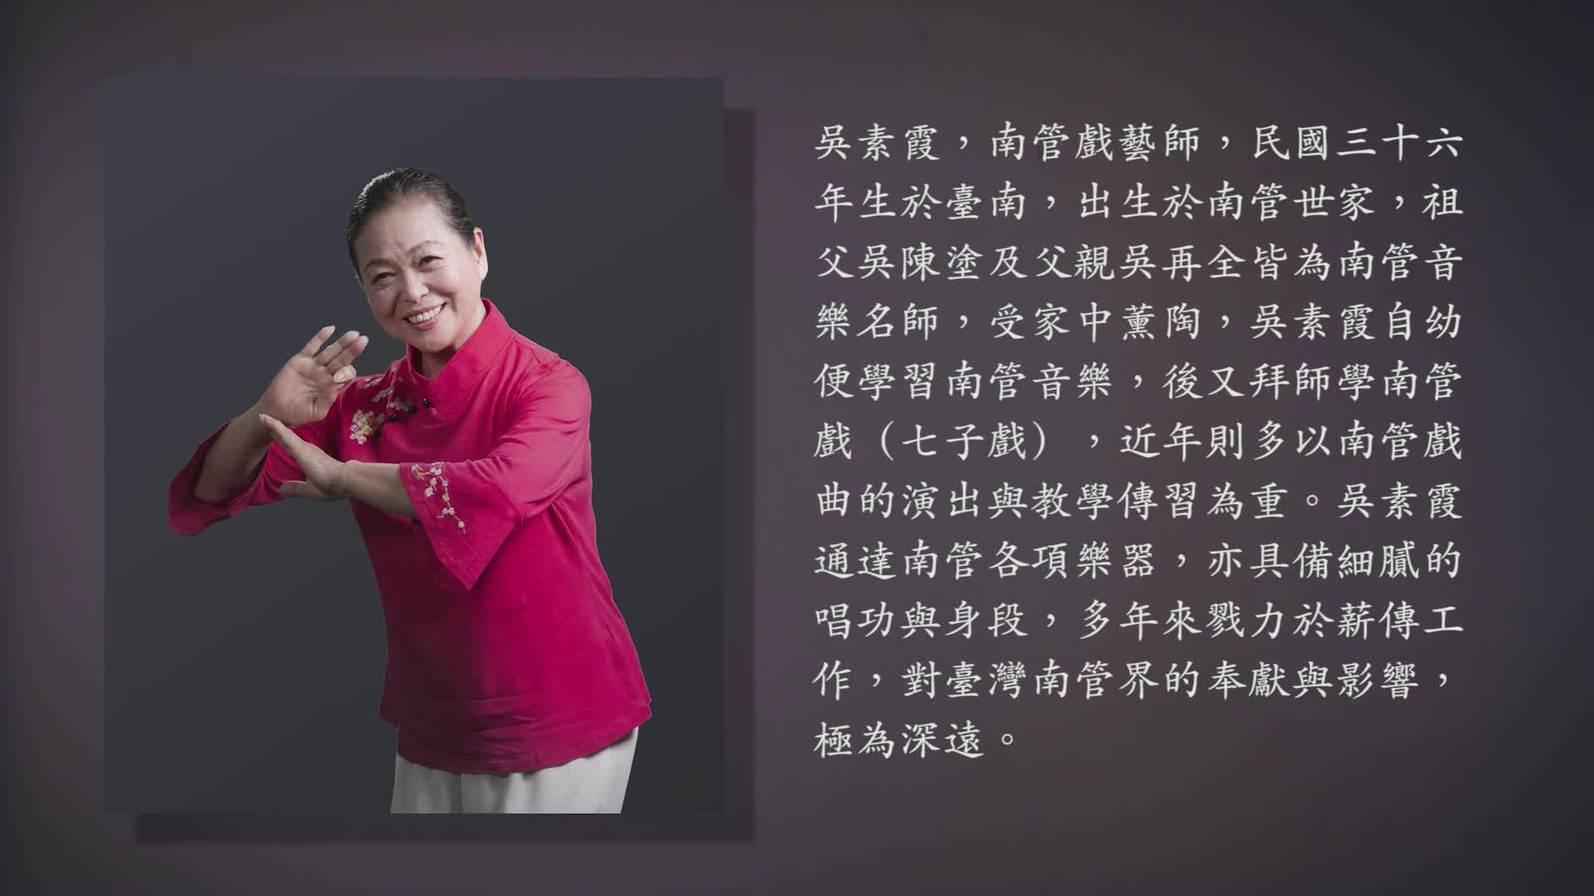 技藝.記憶-傳統藝術藝人口述歷史影像紀錄計畫-吳素霞精華片段